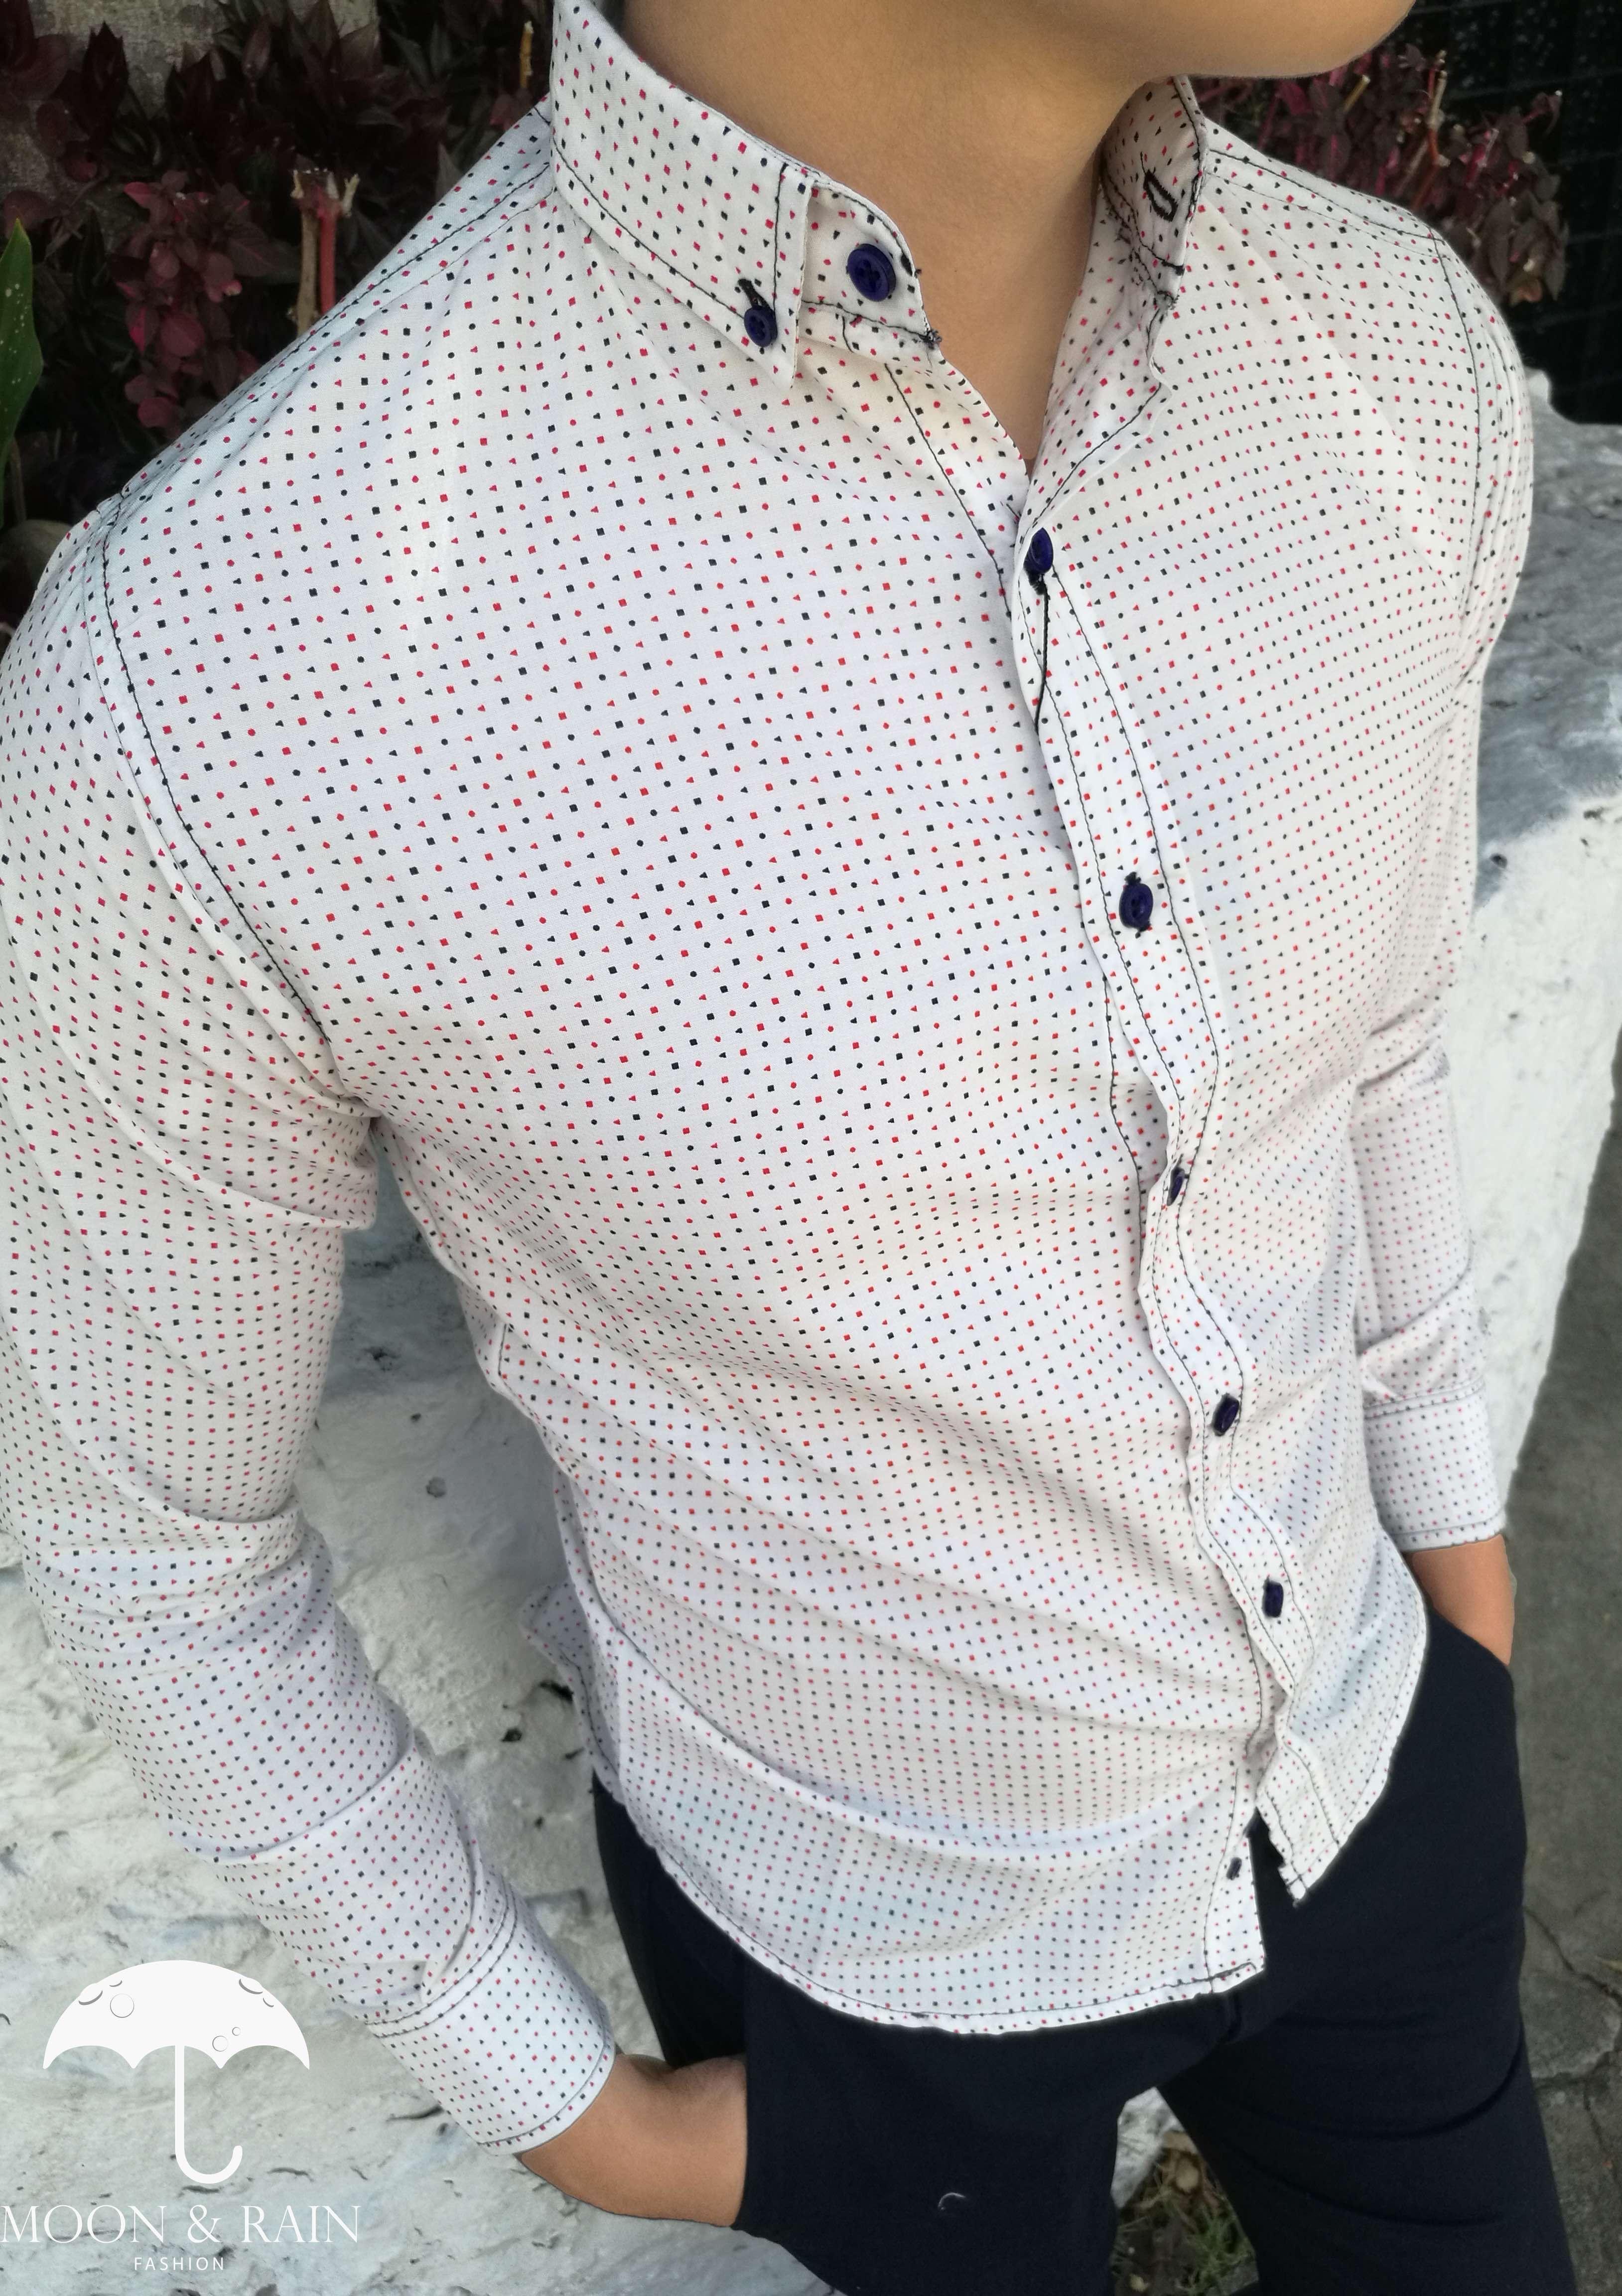 9b620efc28595 Camisa blanca con puntos de colores para hombre.